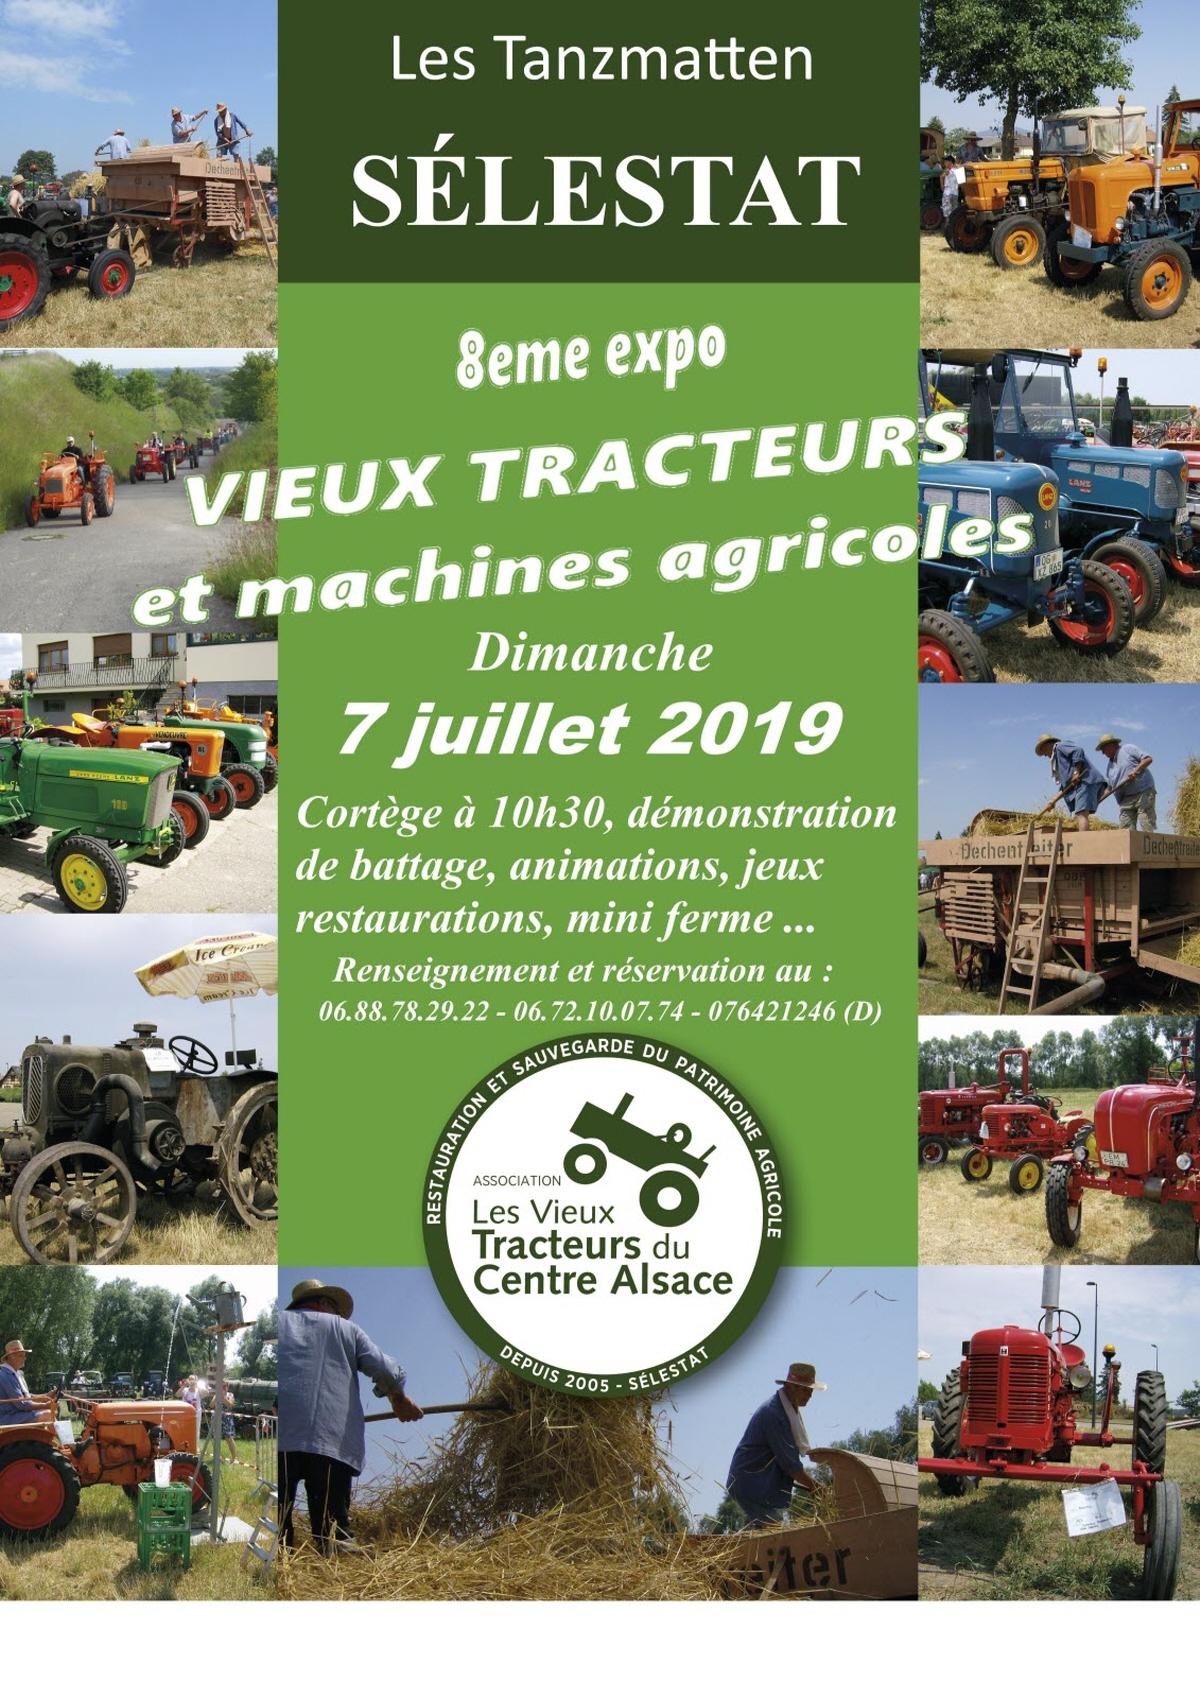 Exposition De Tracteurs Et Machines Agricole : Exposition A tout Jeux Gratuit Tracteur A La Ferme